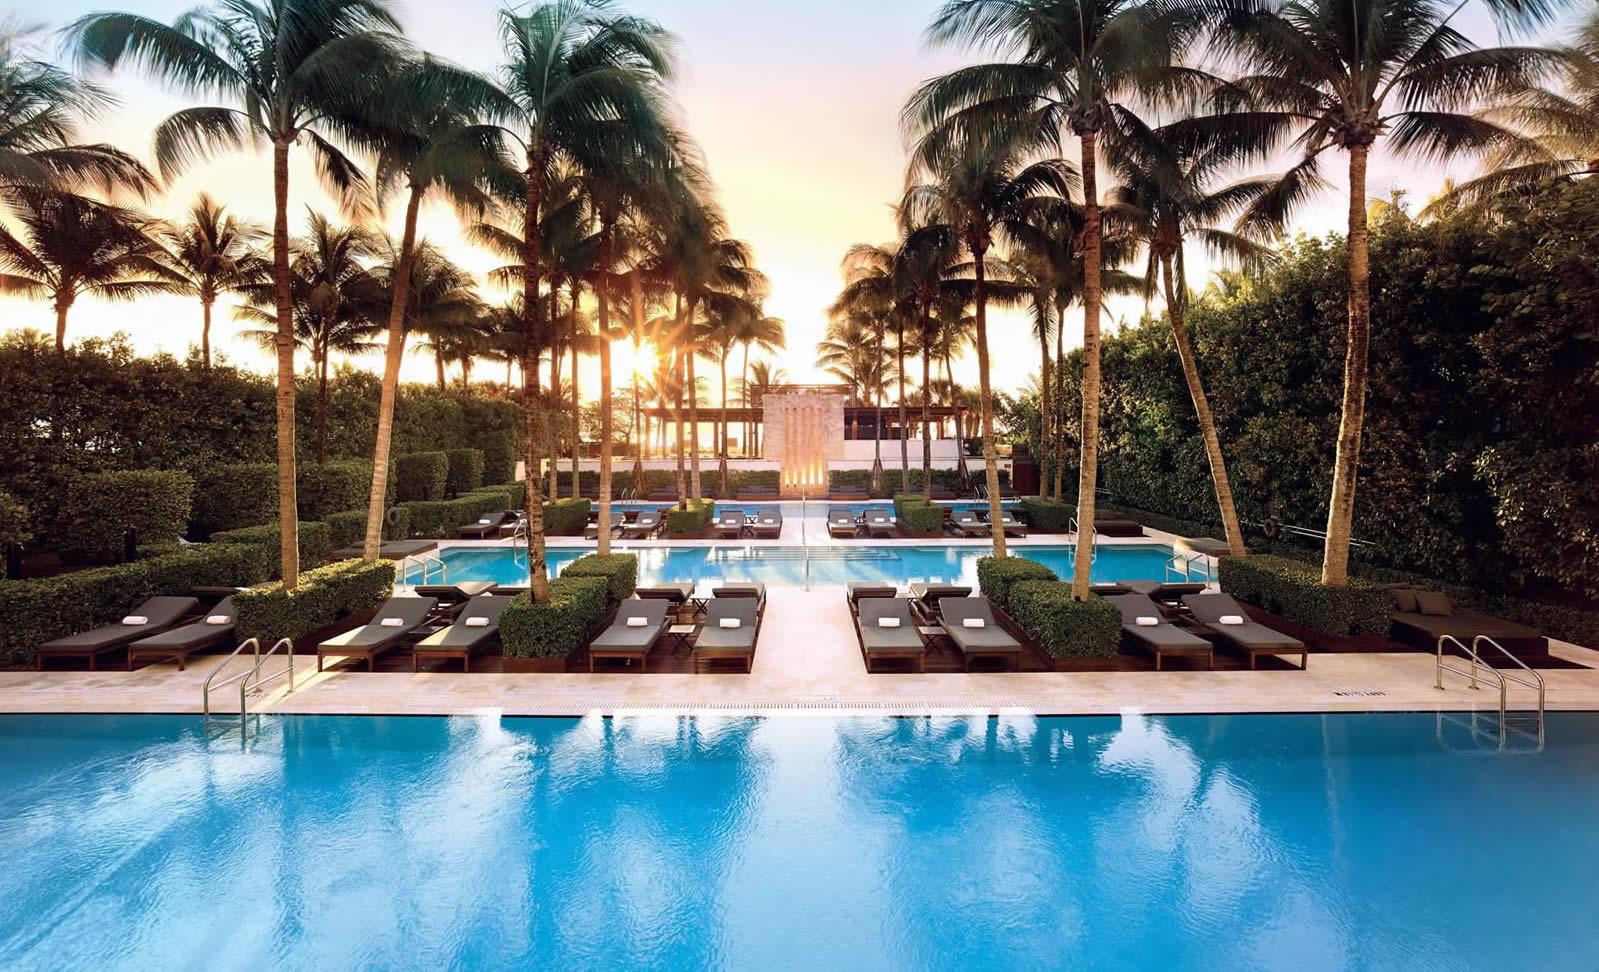 Hotels Evian Les Bains Avec Piscine